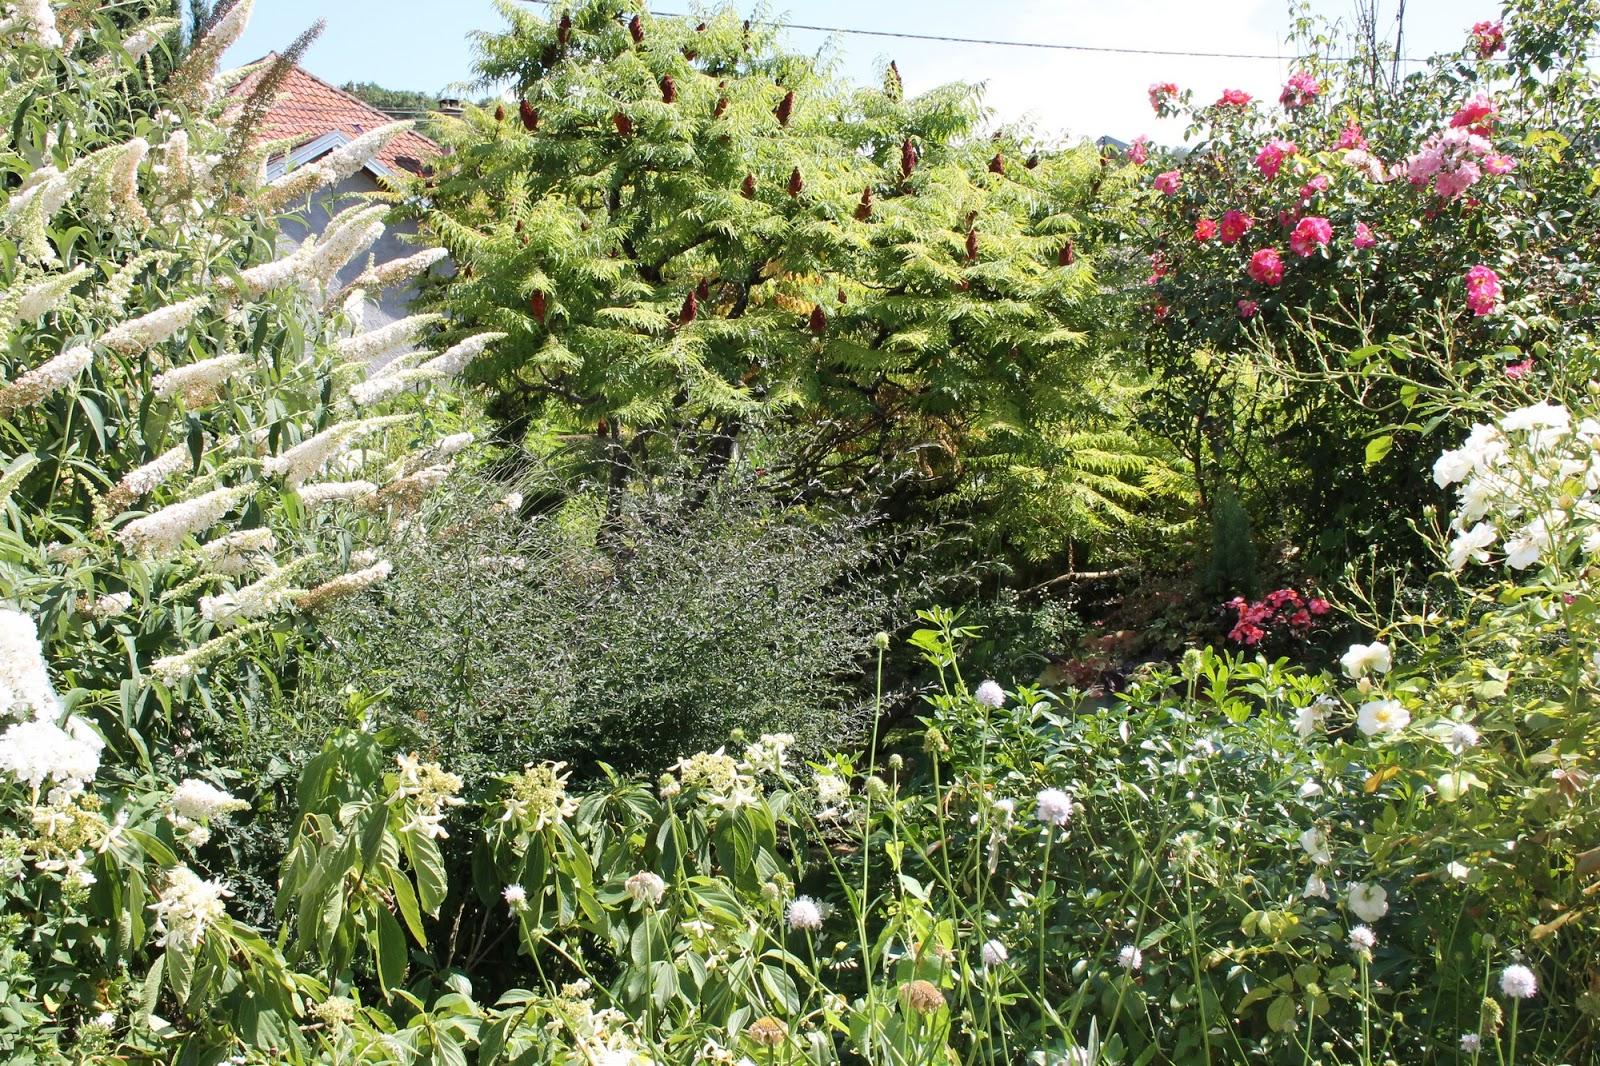 Doubs jardin a la mi aout un jardin fleuri et color for Jardin fleuri lyon 9